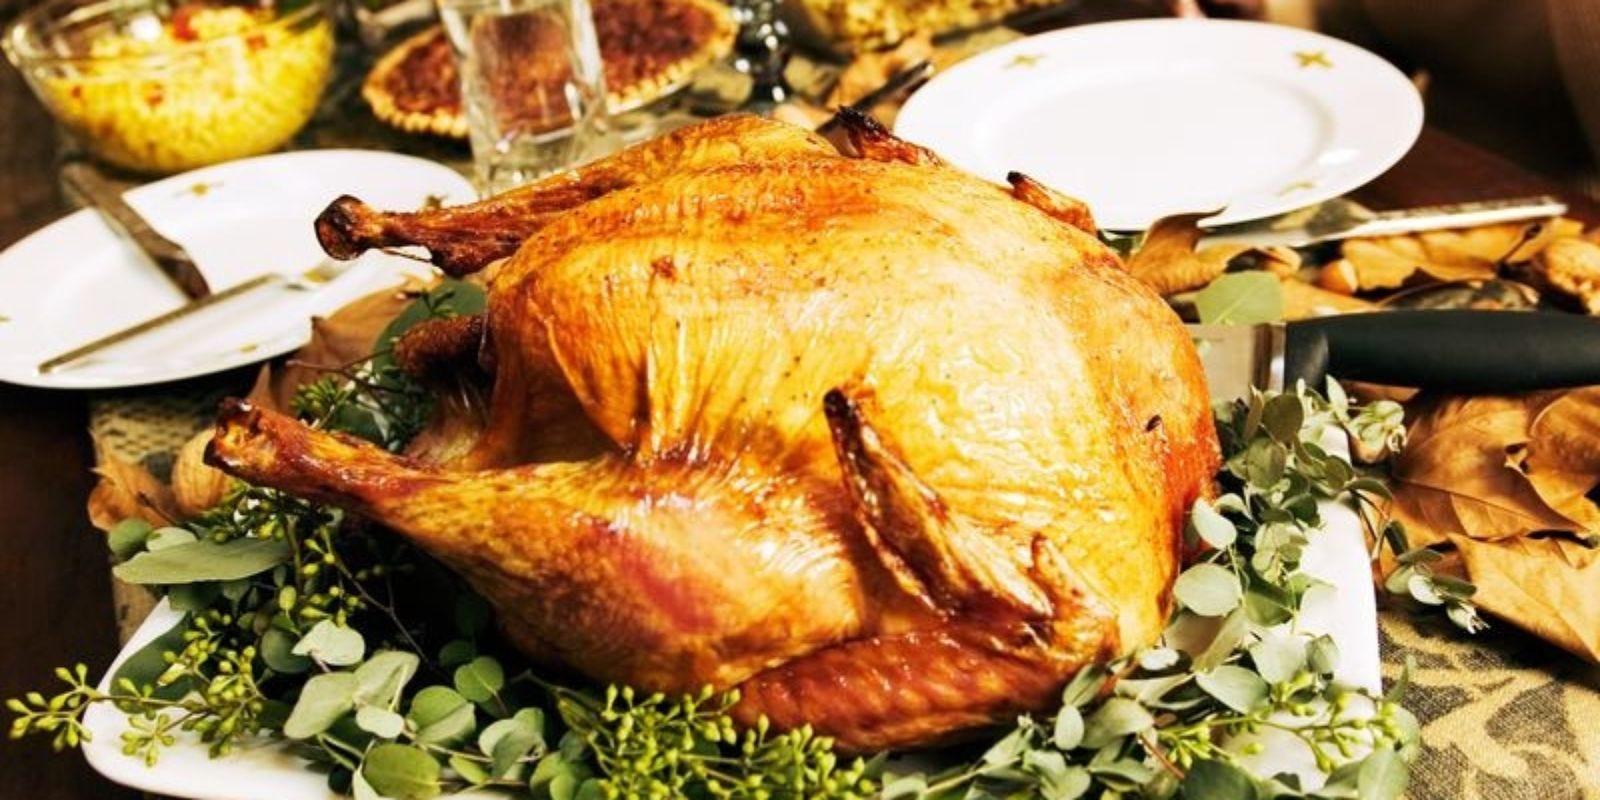 Order Christmas Dinner  Turkey to go order Thanksgiving in Fort Myers Naples